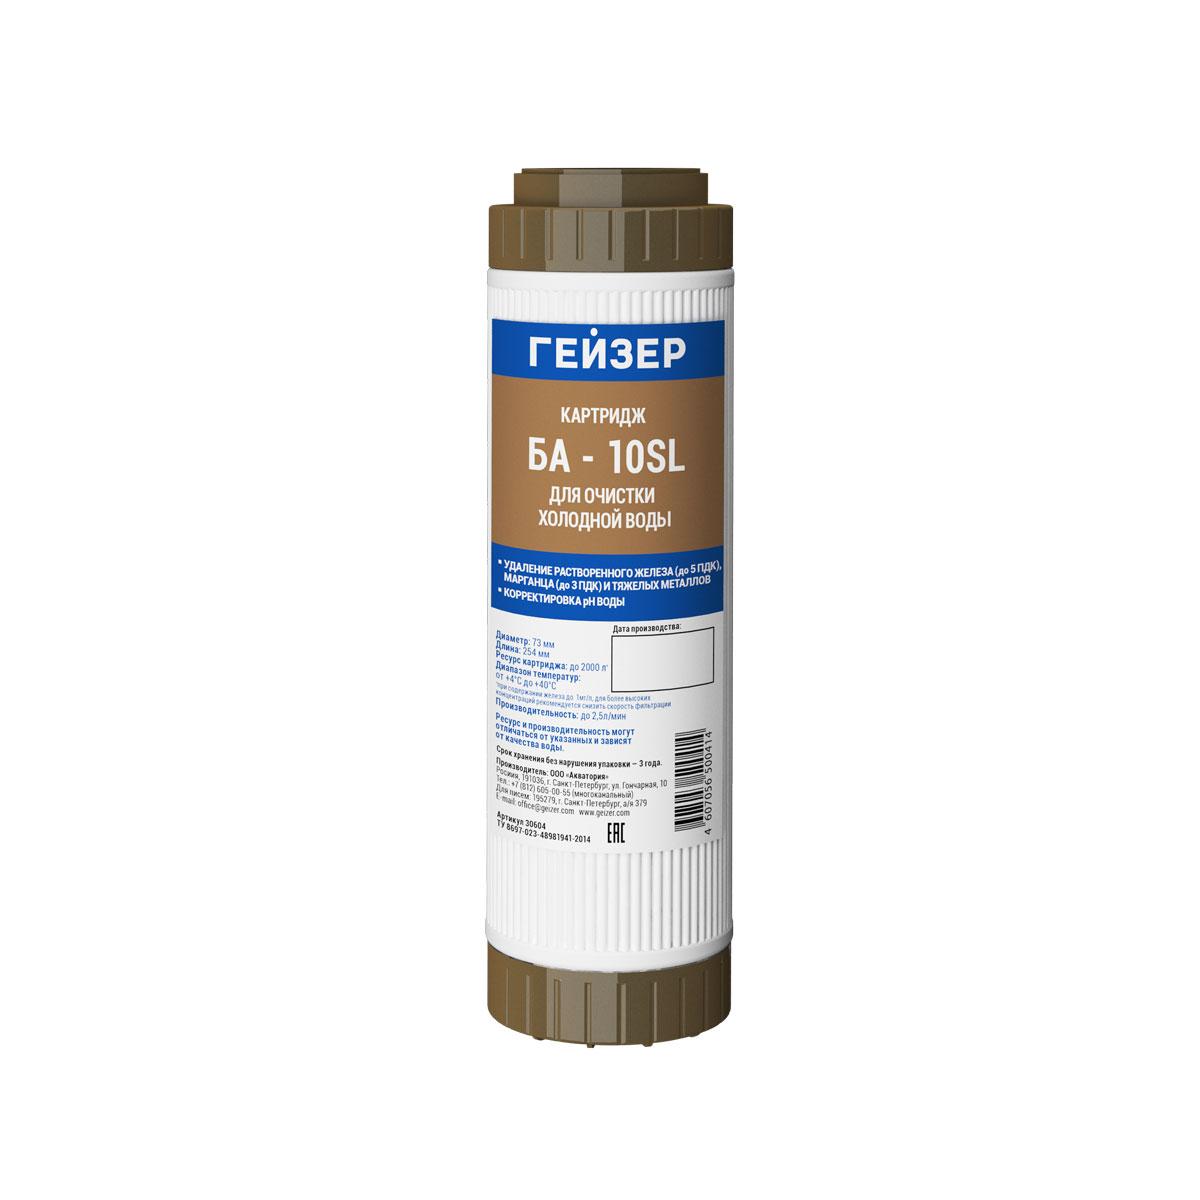 Картридж Гейзер БА с кальцитом. Размер 10SLBL505Картридж Гейзер БА. Используется для эффективного удаления избыточного растворенного железа (до 1 мг/л) и соединений других металлов методом каталитического окисления. Фильтрующая загрузка – природный материал Кальцит. Используется в системах Гейзер: - 3 К Люкс; - Био 341; - Ультра Био 441. Так же совместим с другими трехступенчатыми системами Гейзер и системами других производителей стандарт 10SL (Slim Line). Ресурс 2000 литров.